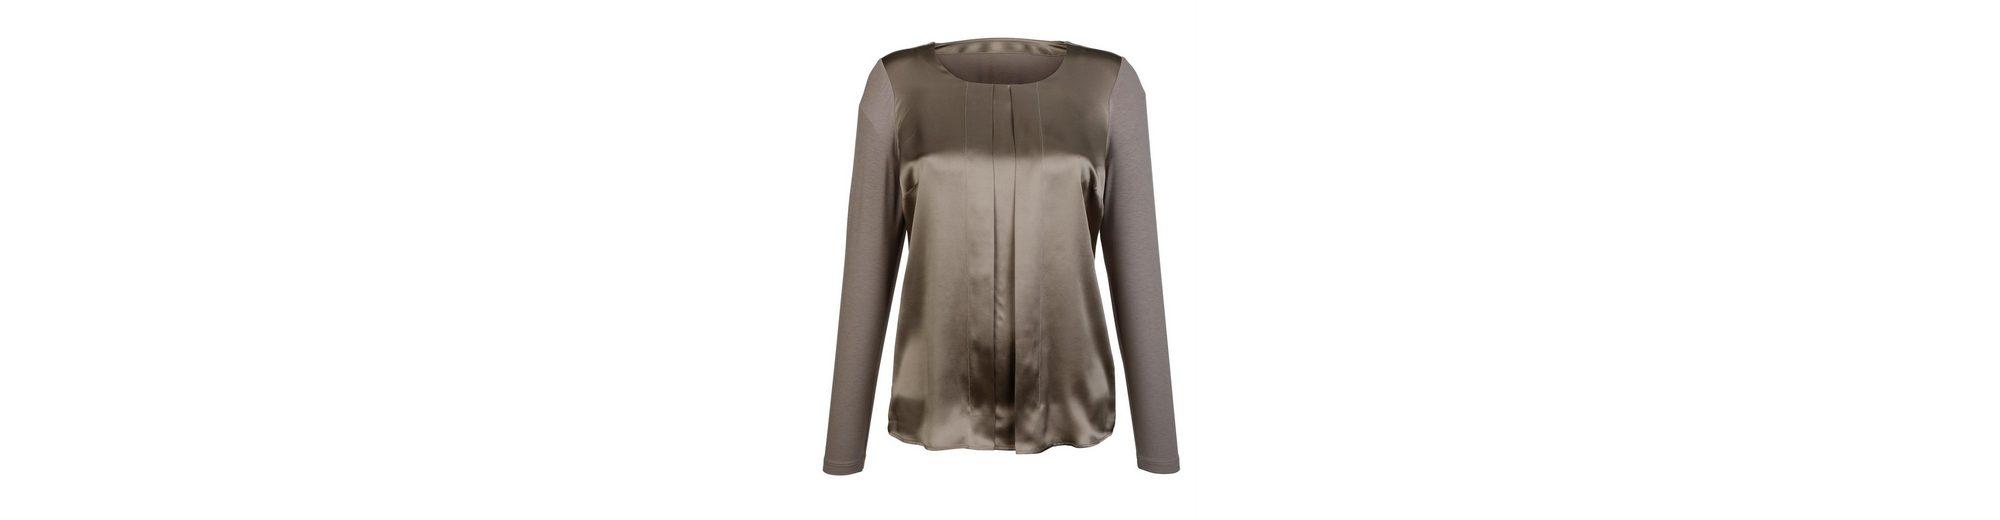 Das Beste Geschäft Zu Bekommen Original-Verkauf Online Alba Moda Shirt im Vorderteil aus reiner Seide Verkauf Ebay Günstig Kaufen 100% Original Ob9BaM83U